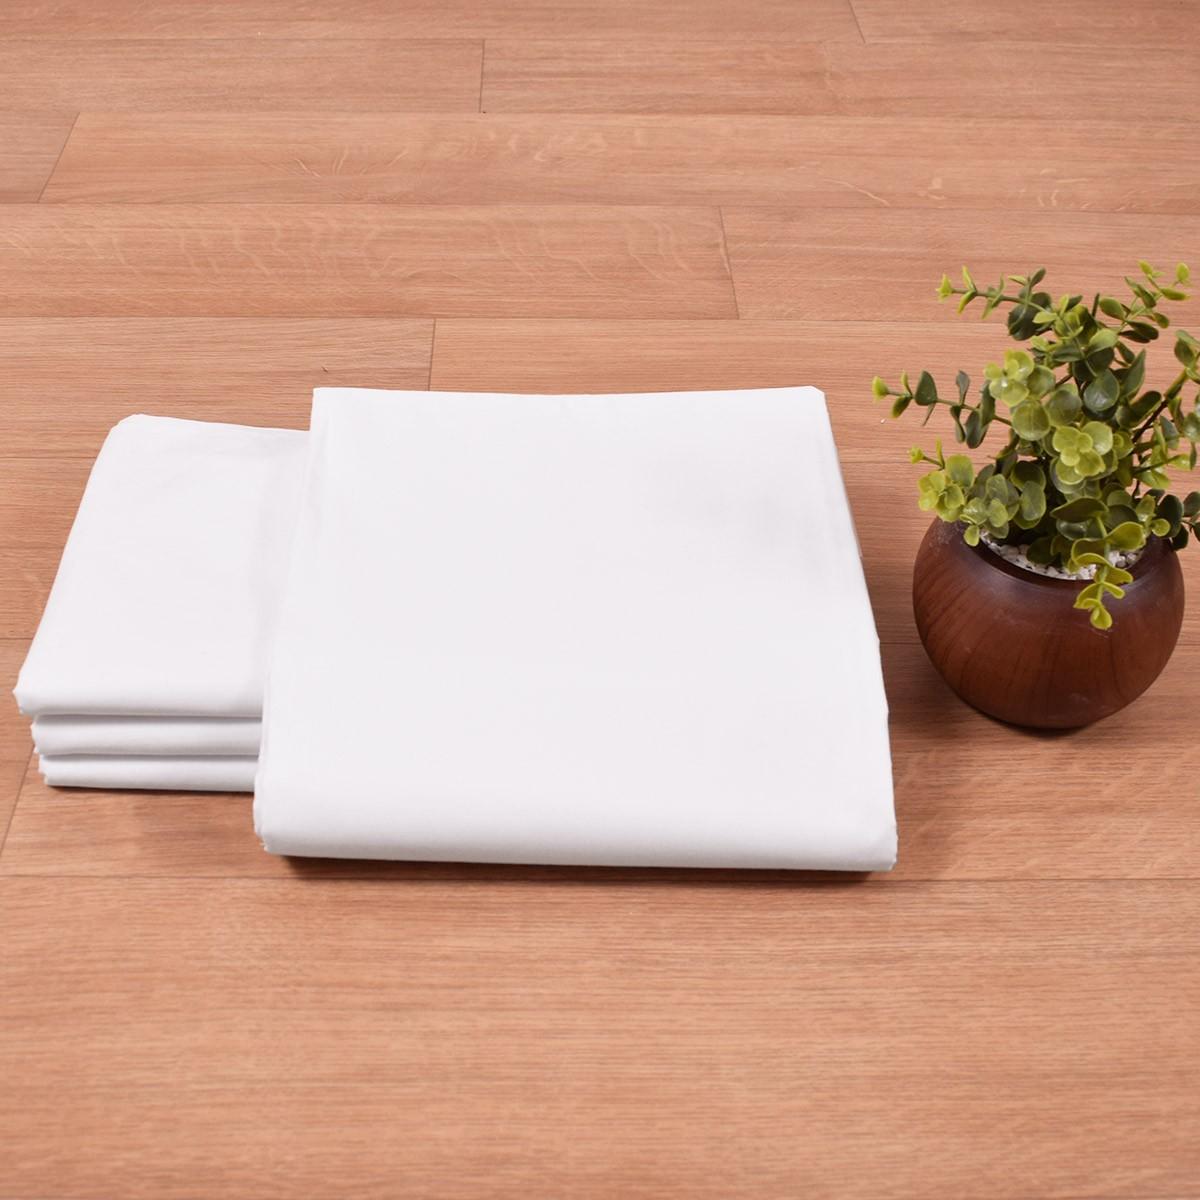 Σεντόνι (310x300) 50%Βαμβάκι 50%Polyester T170 home   επαγγελματικός εξοπλισμός   ξενοδοχειακός εξοπλισμός   σεντόνια ξενοδοχεί